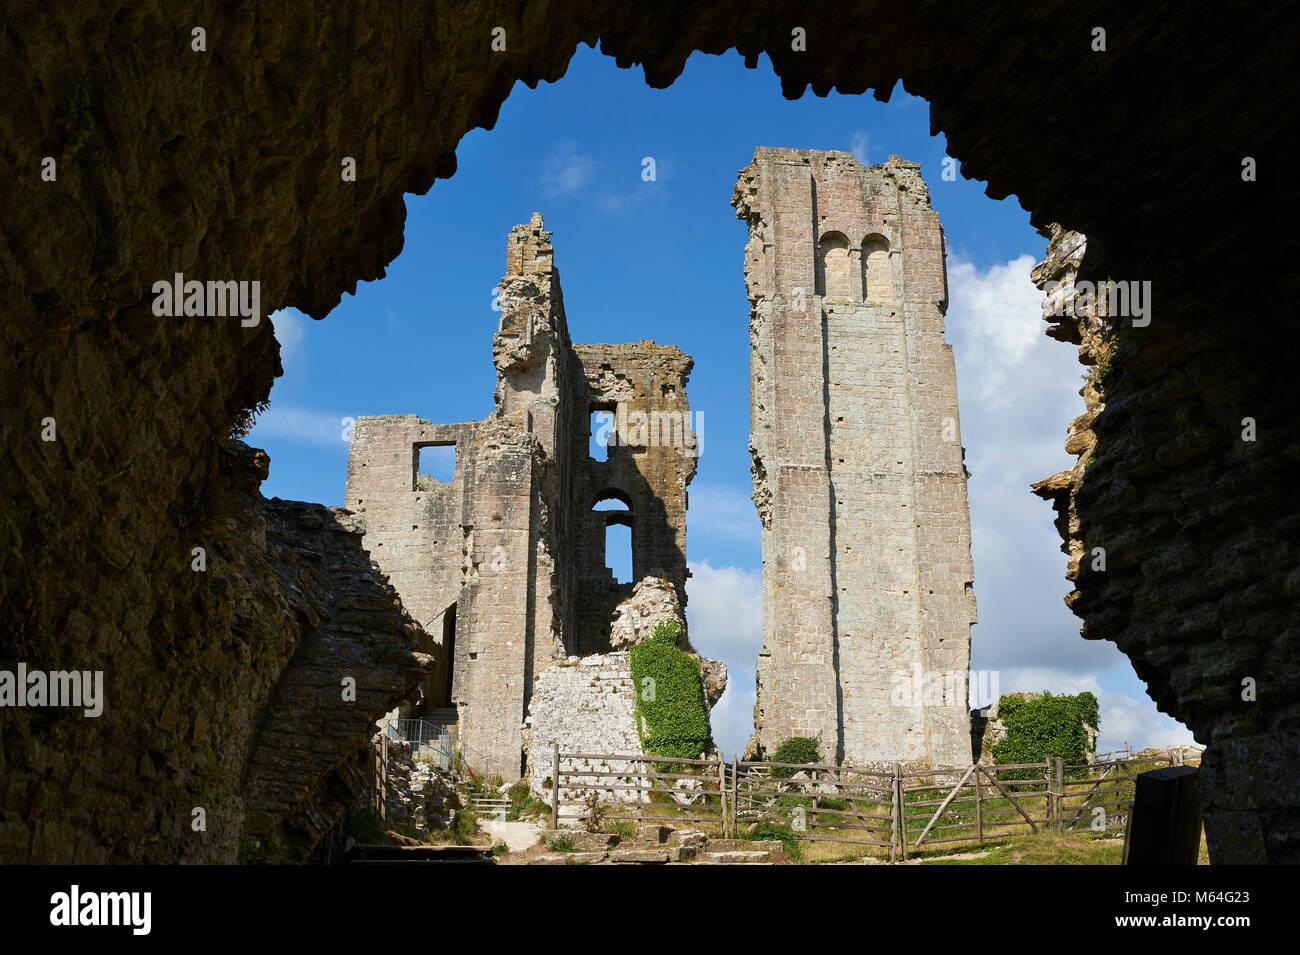 Château de Corfe médiévale garder jusqu'cloase, construit en 1086 par Guillaume le Conquérant, Photo Stock